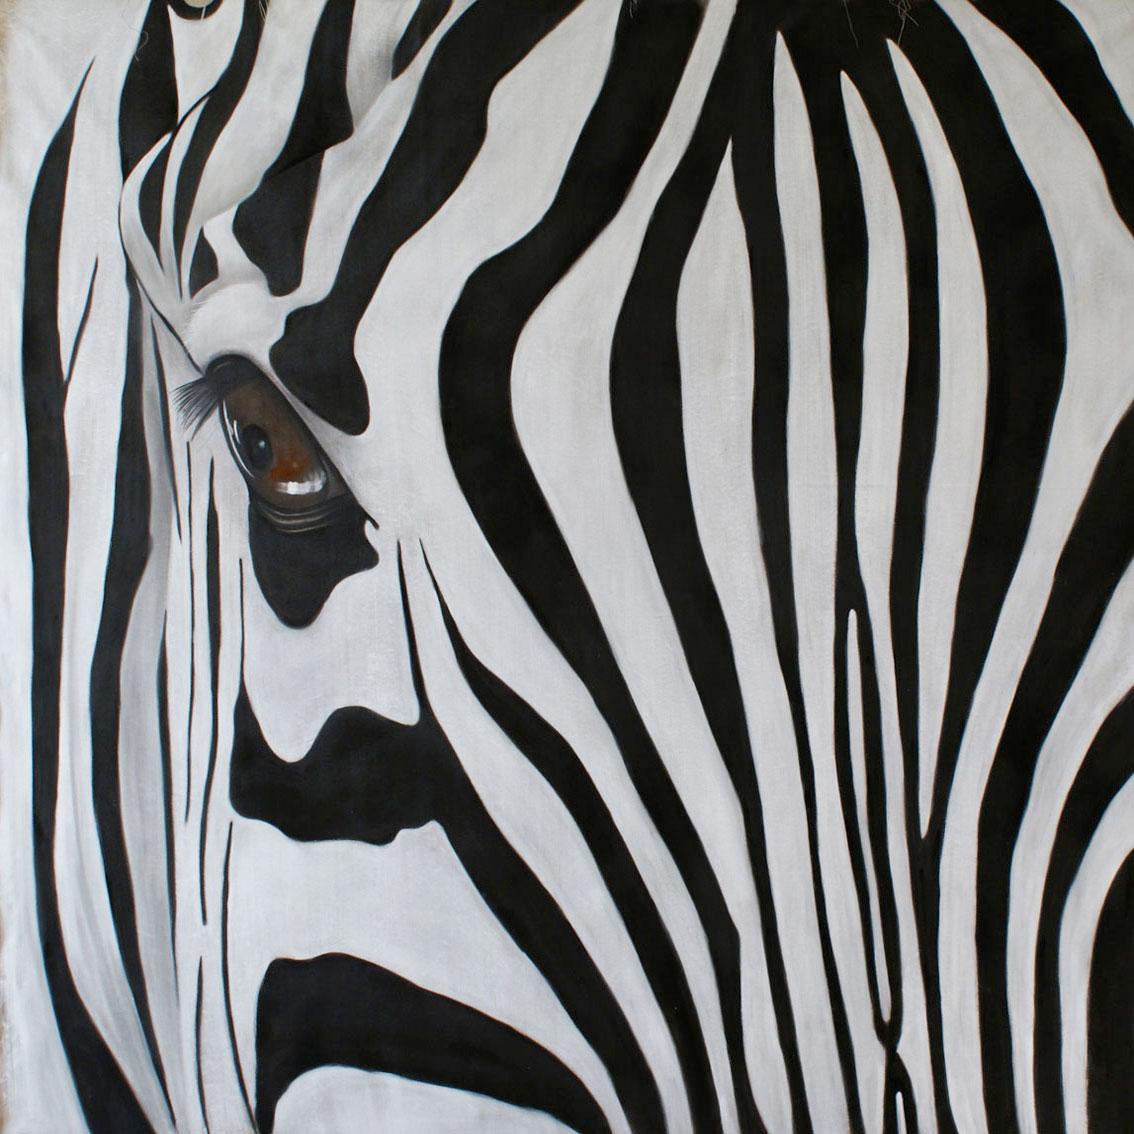 zebre z bre zebre thierry bisch artiste peintre animaux esp ces menac es. Black Bedroom Furniture Sets. Home Design Ideas